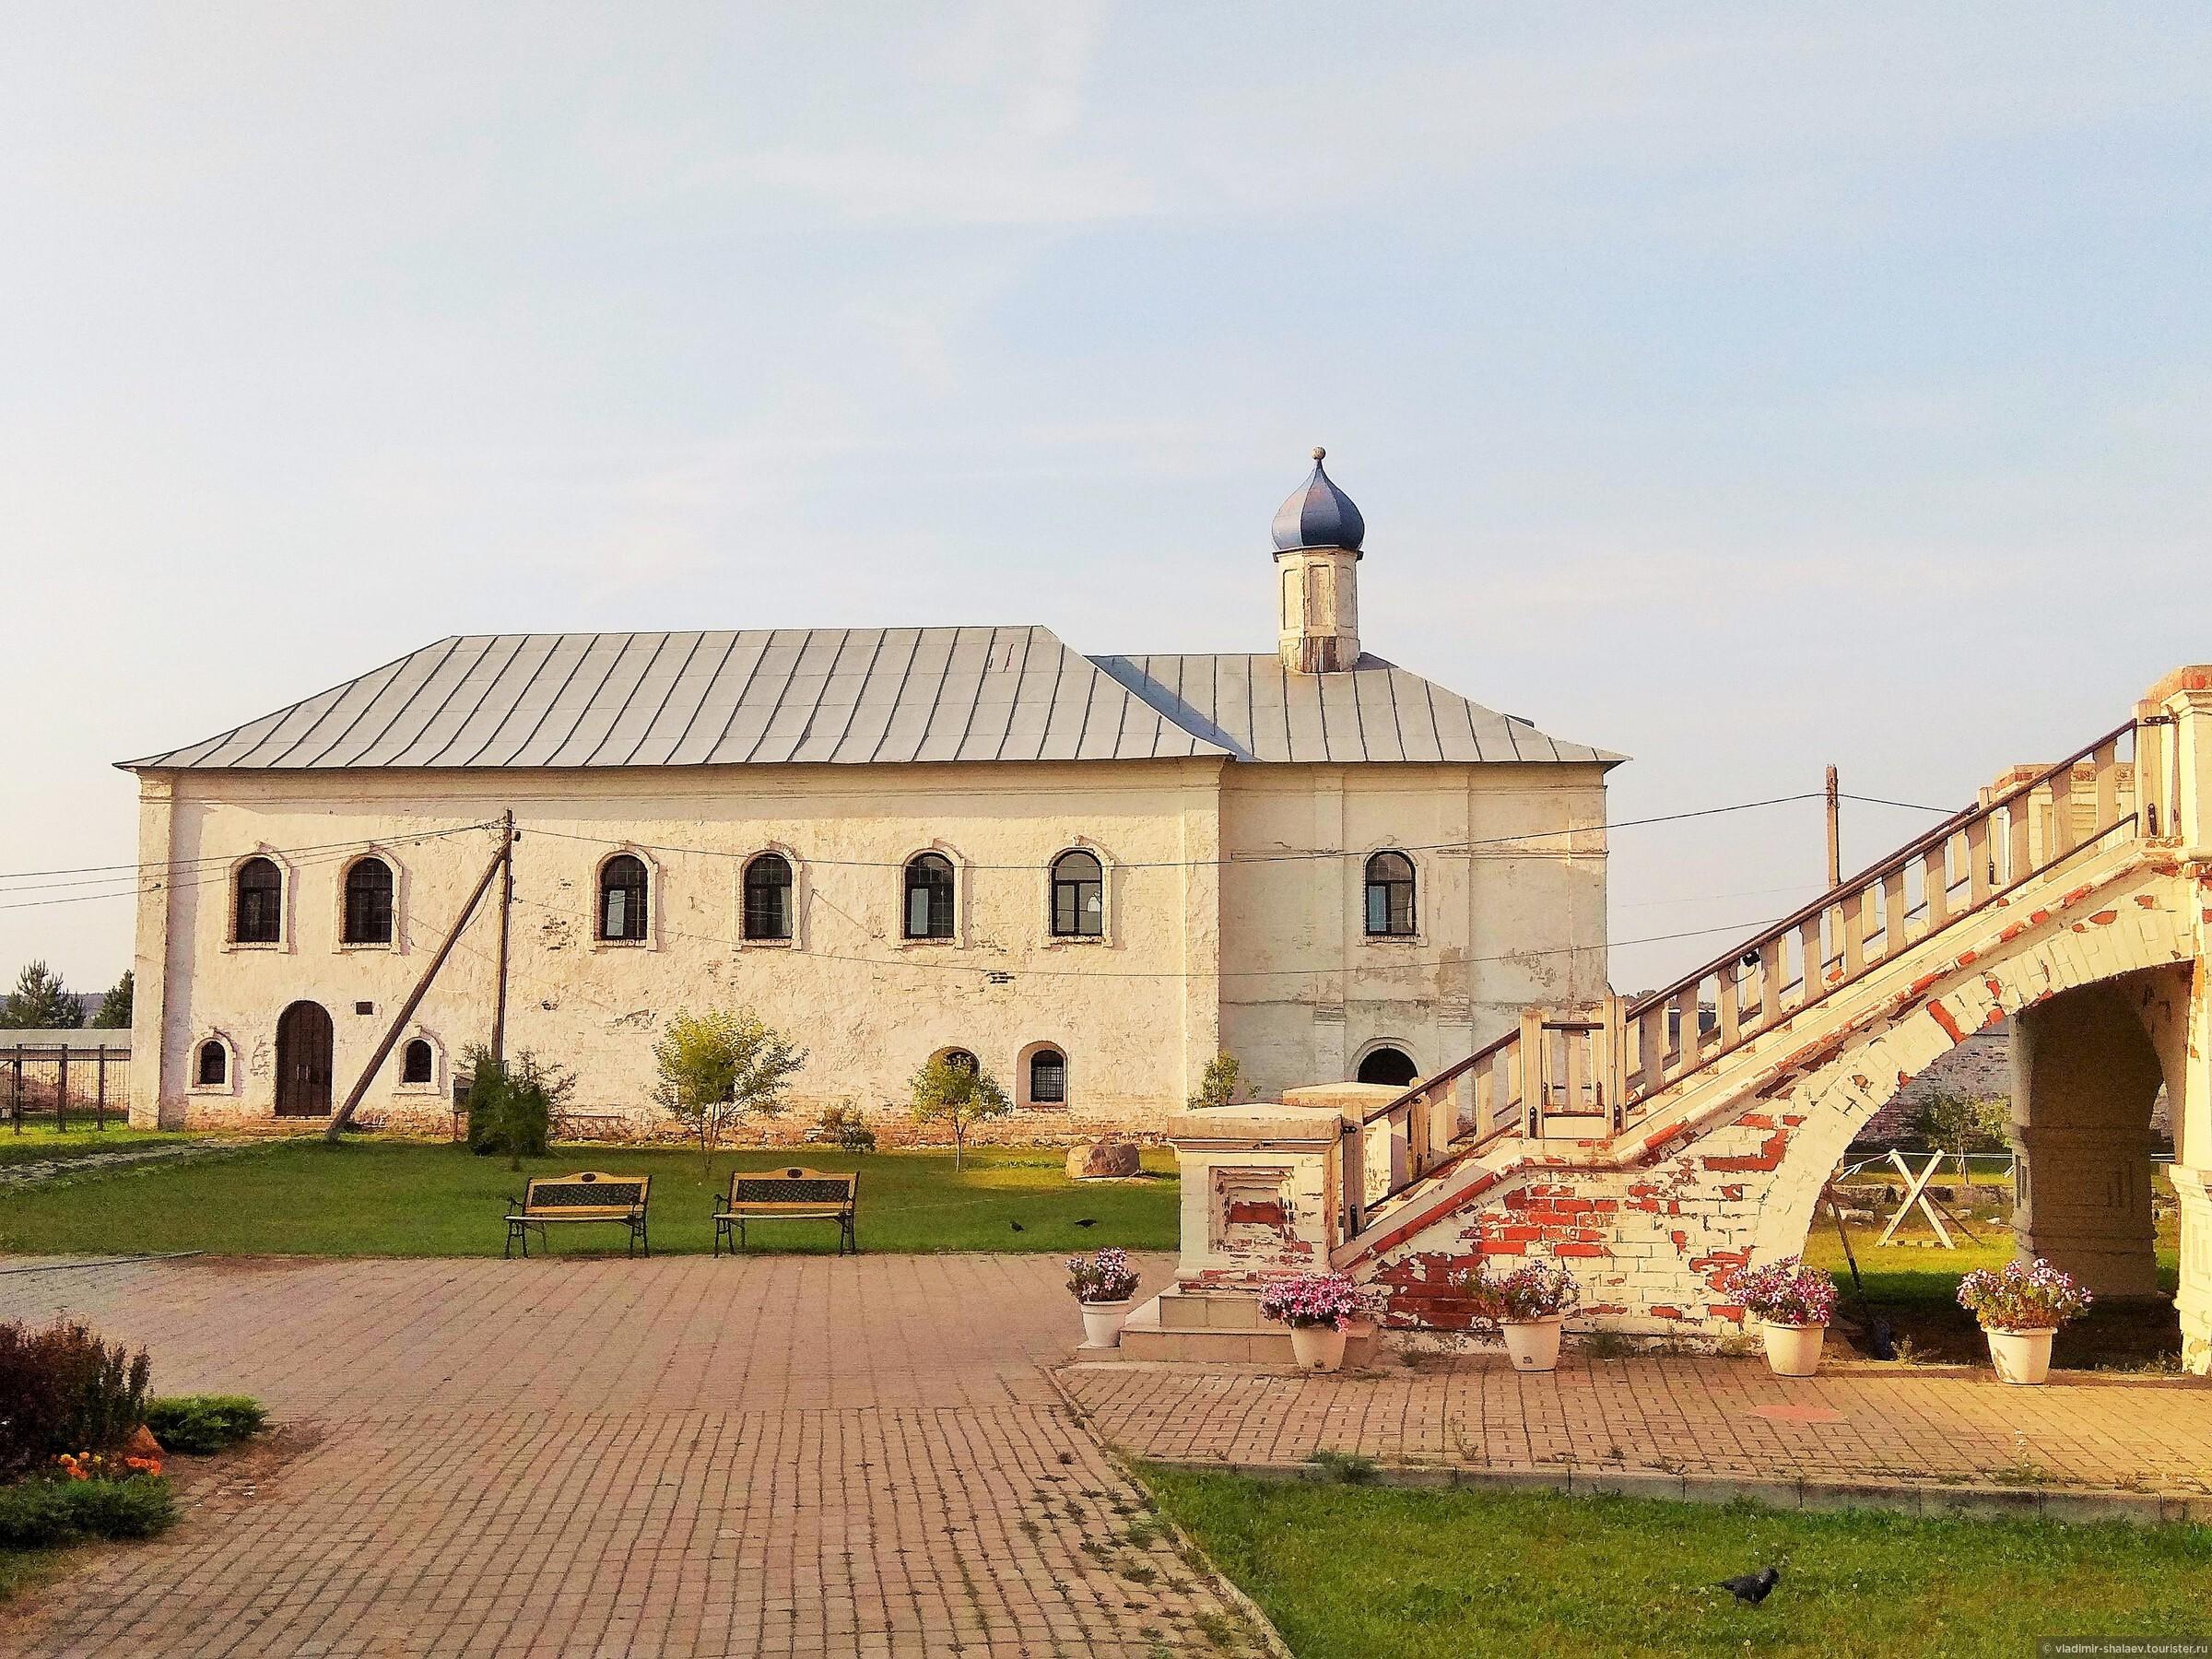 Введенская церковь с трапезной палатой. Построена в XVIII в, затем была практически полностью перестроена, шатёр и верхняя часть стен разобраны, устроена простая кровля с главкой. В советские годы здание занимала фурнитурная фабрика. , Попутный город